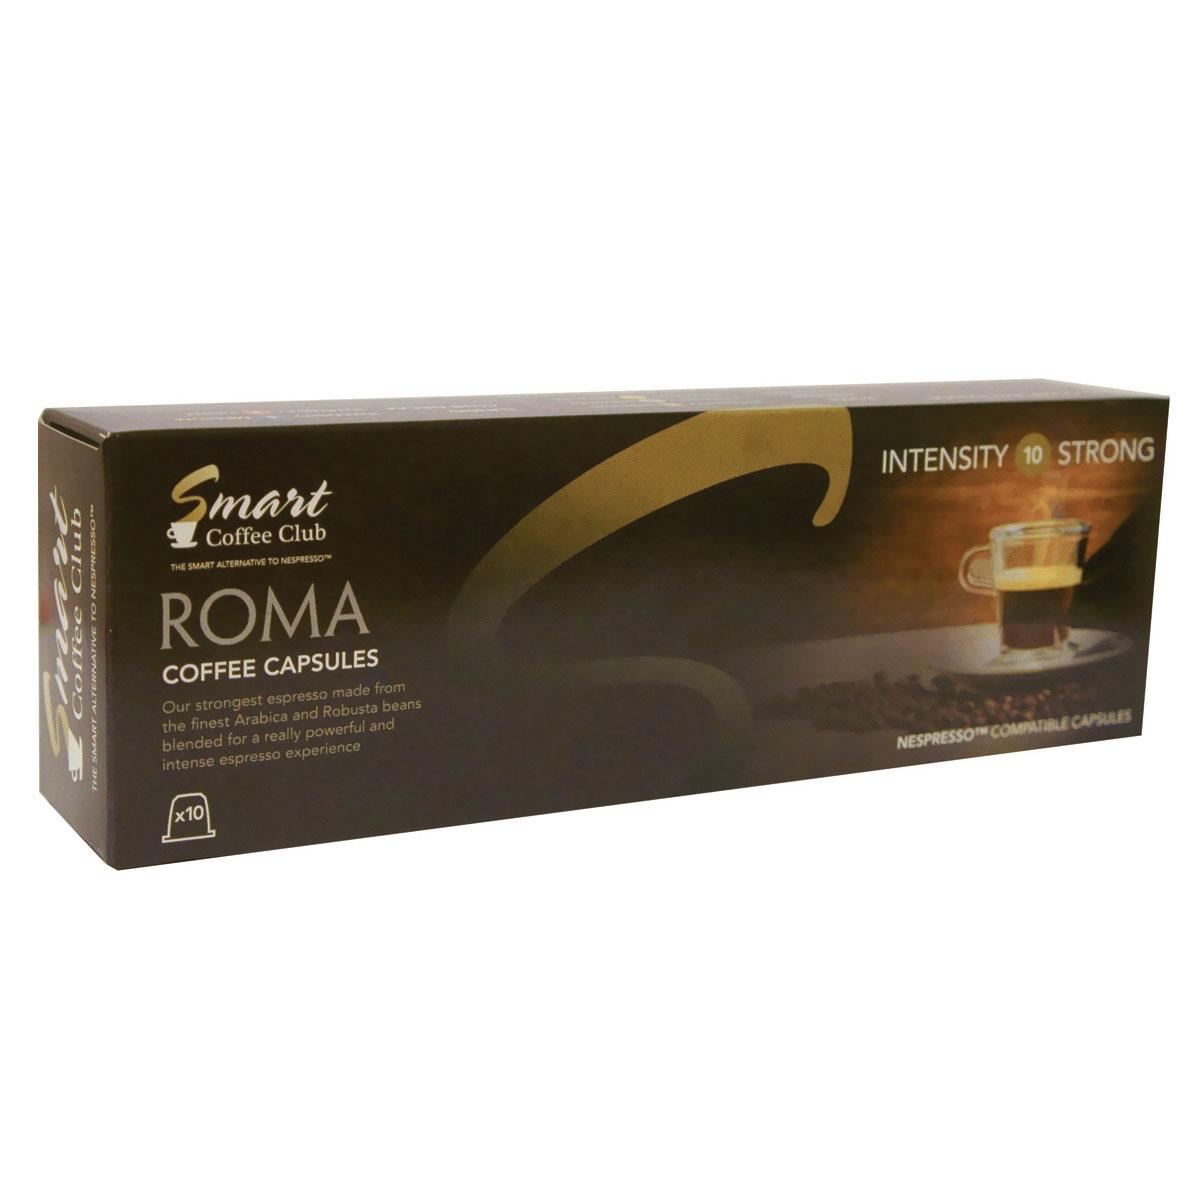 где купить Smart Coffee Club Roma кофе в капсулах, 10 штук по лучшей цене